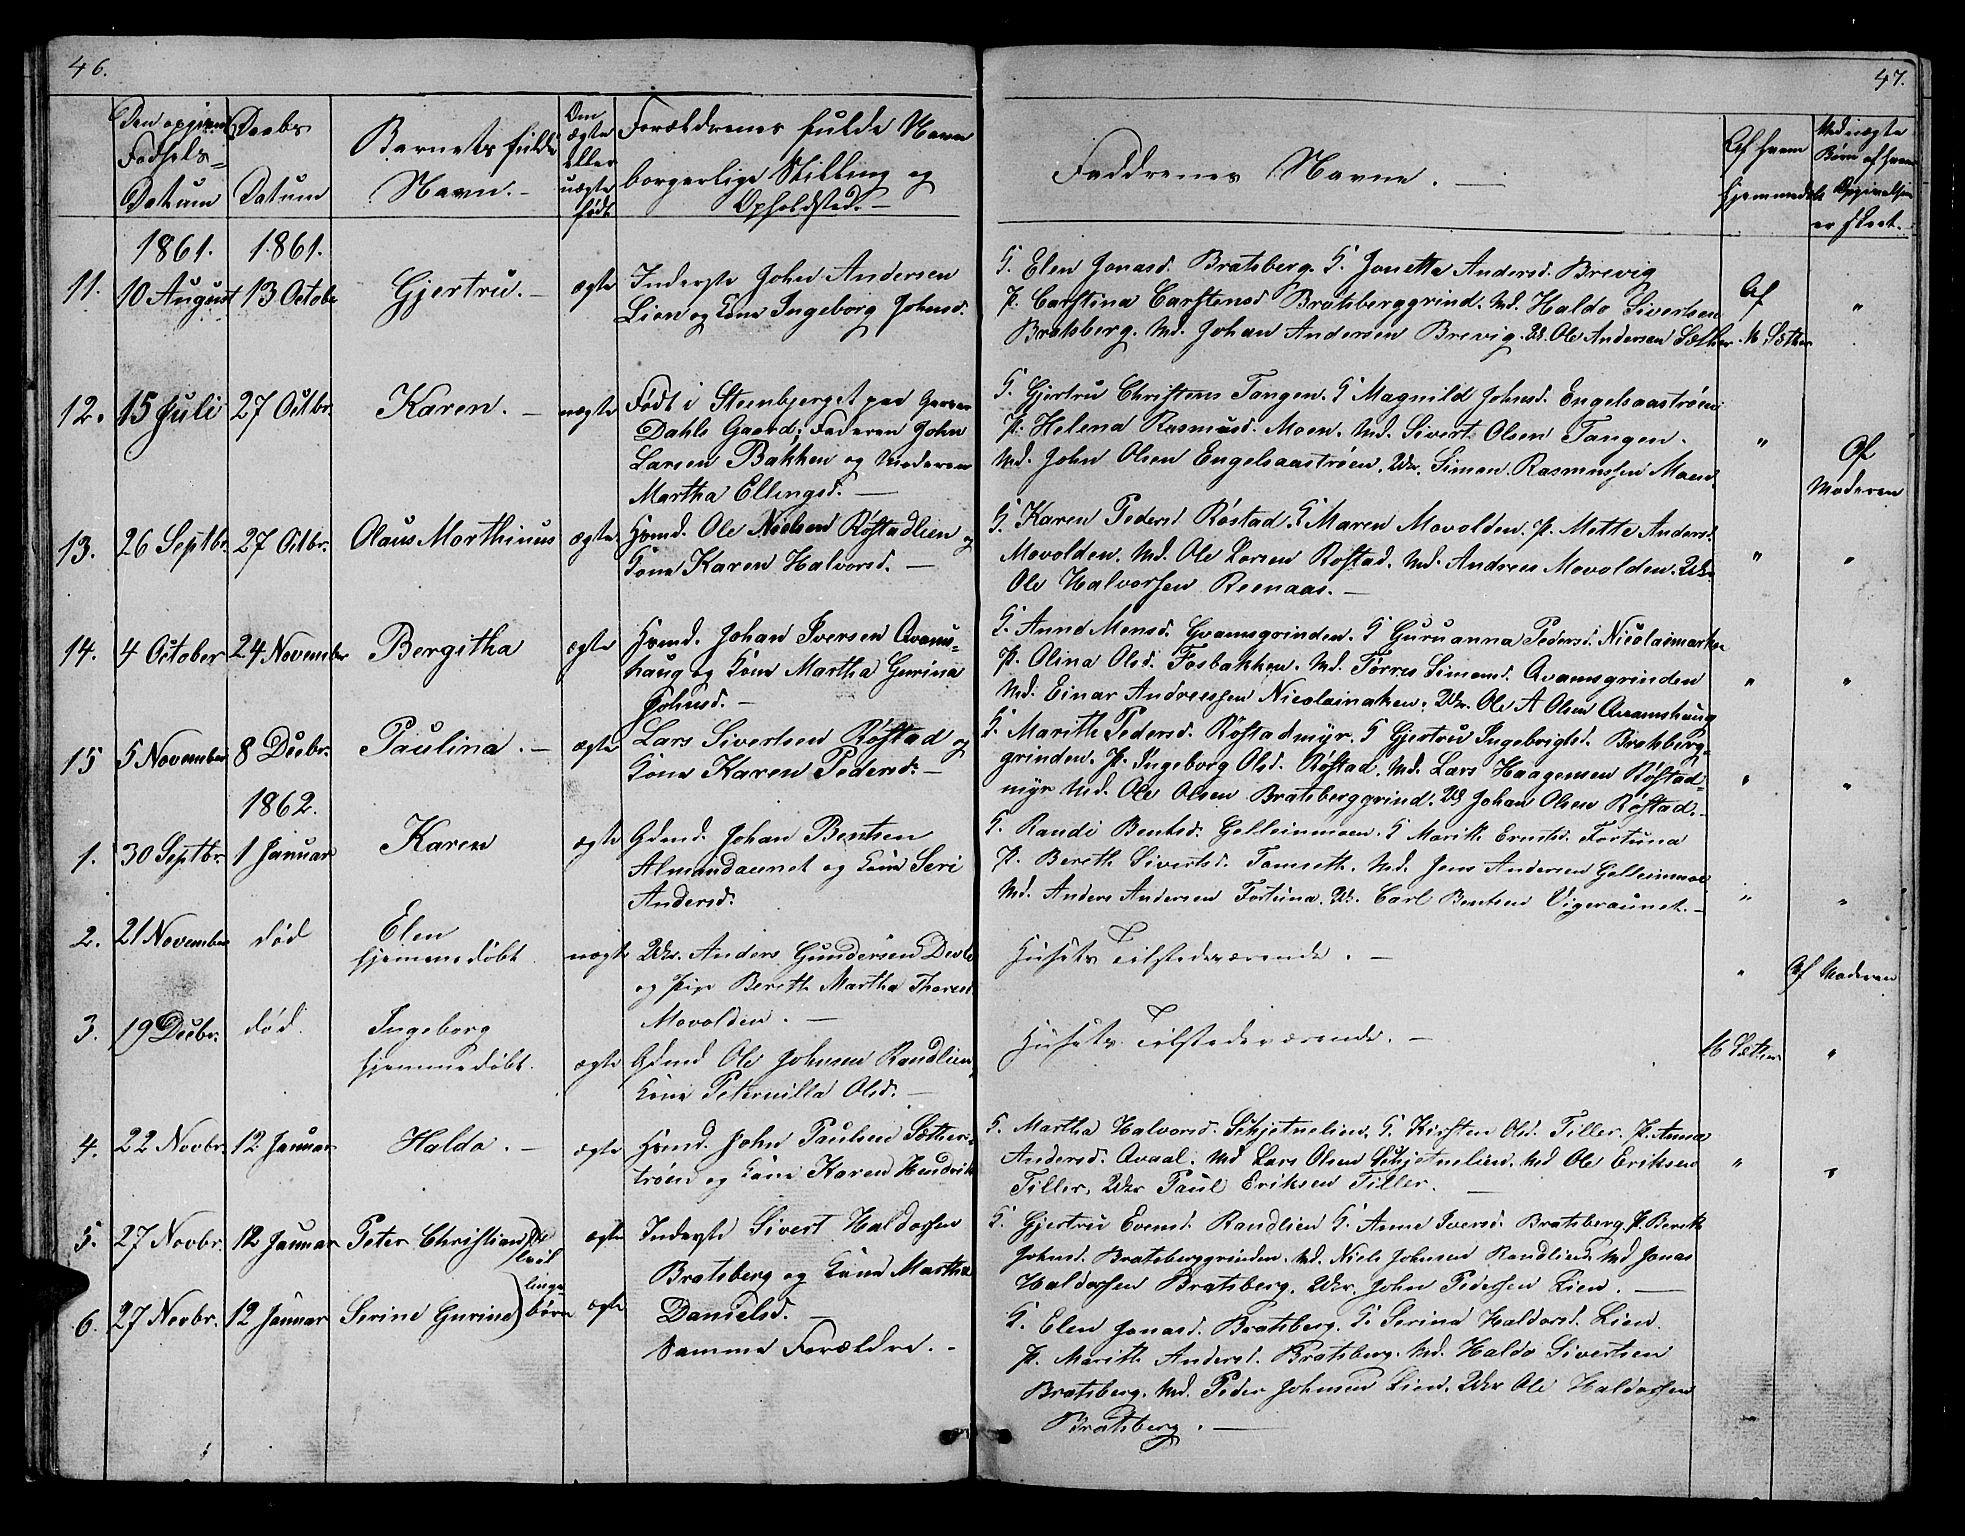 SAT, Ministerialprotokoller, klokkerbøker og fødselsregistre - Sør-Trøndelag, 608/L0339: Klokkerbok nr. 608C05, 1844-1863, s. 46-47